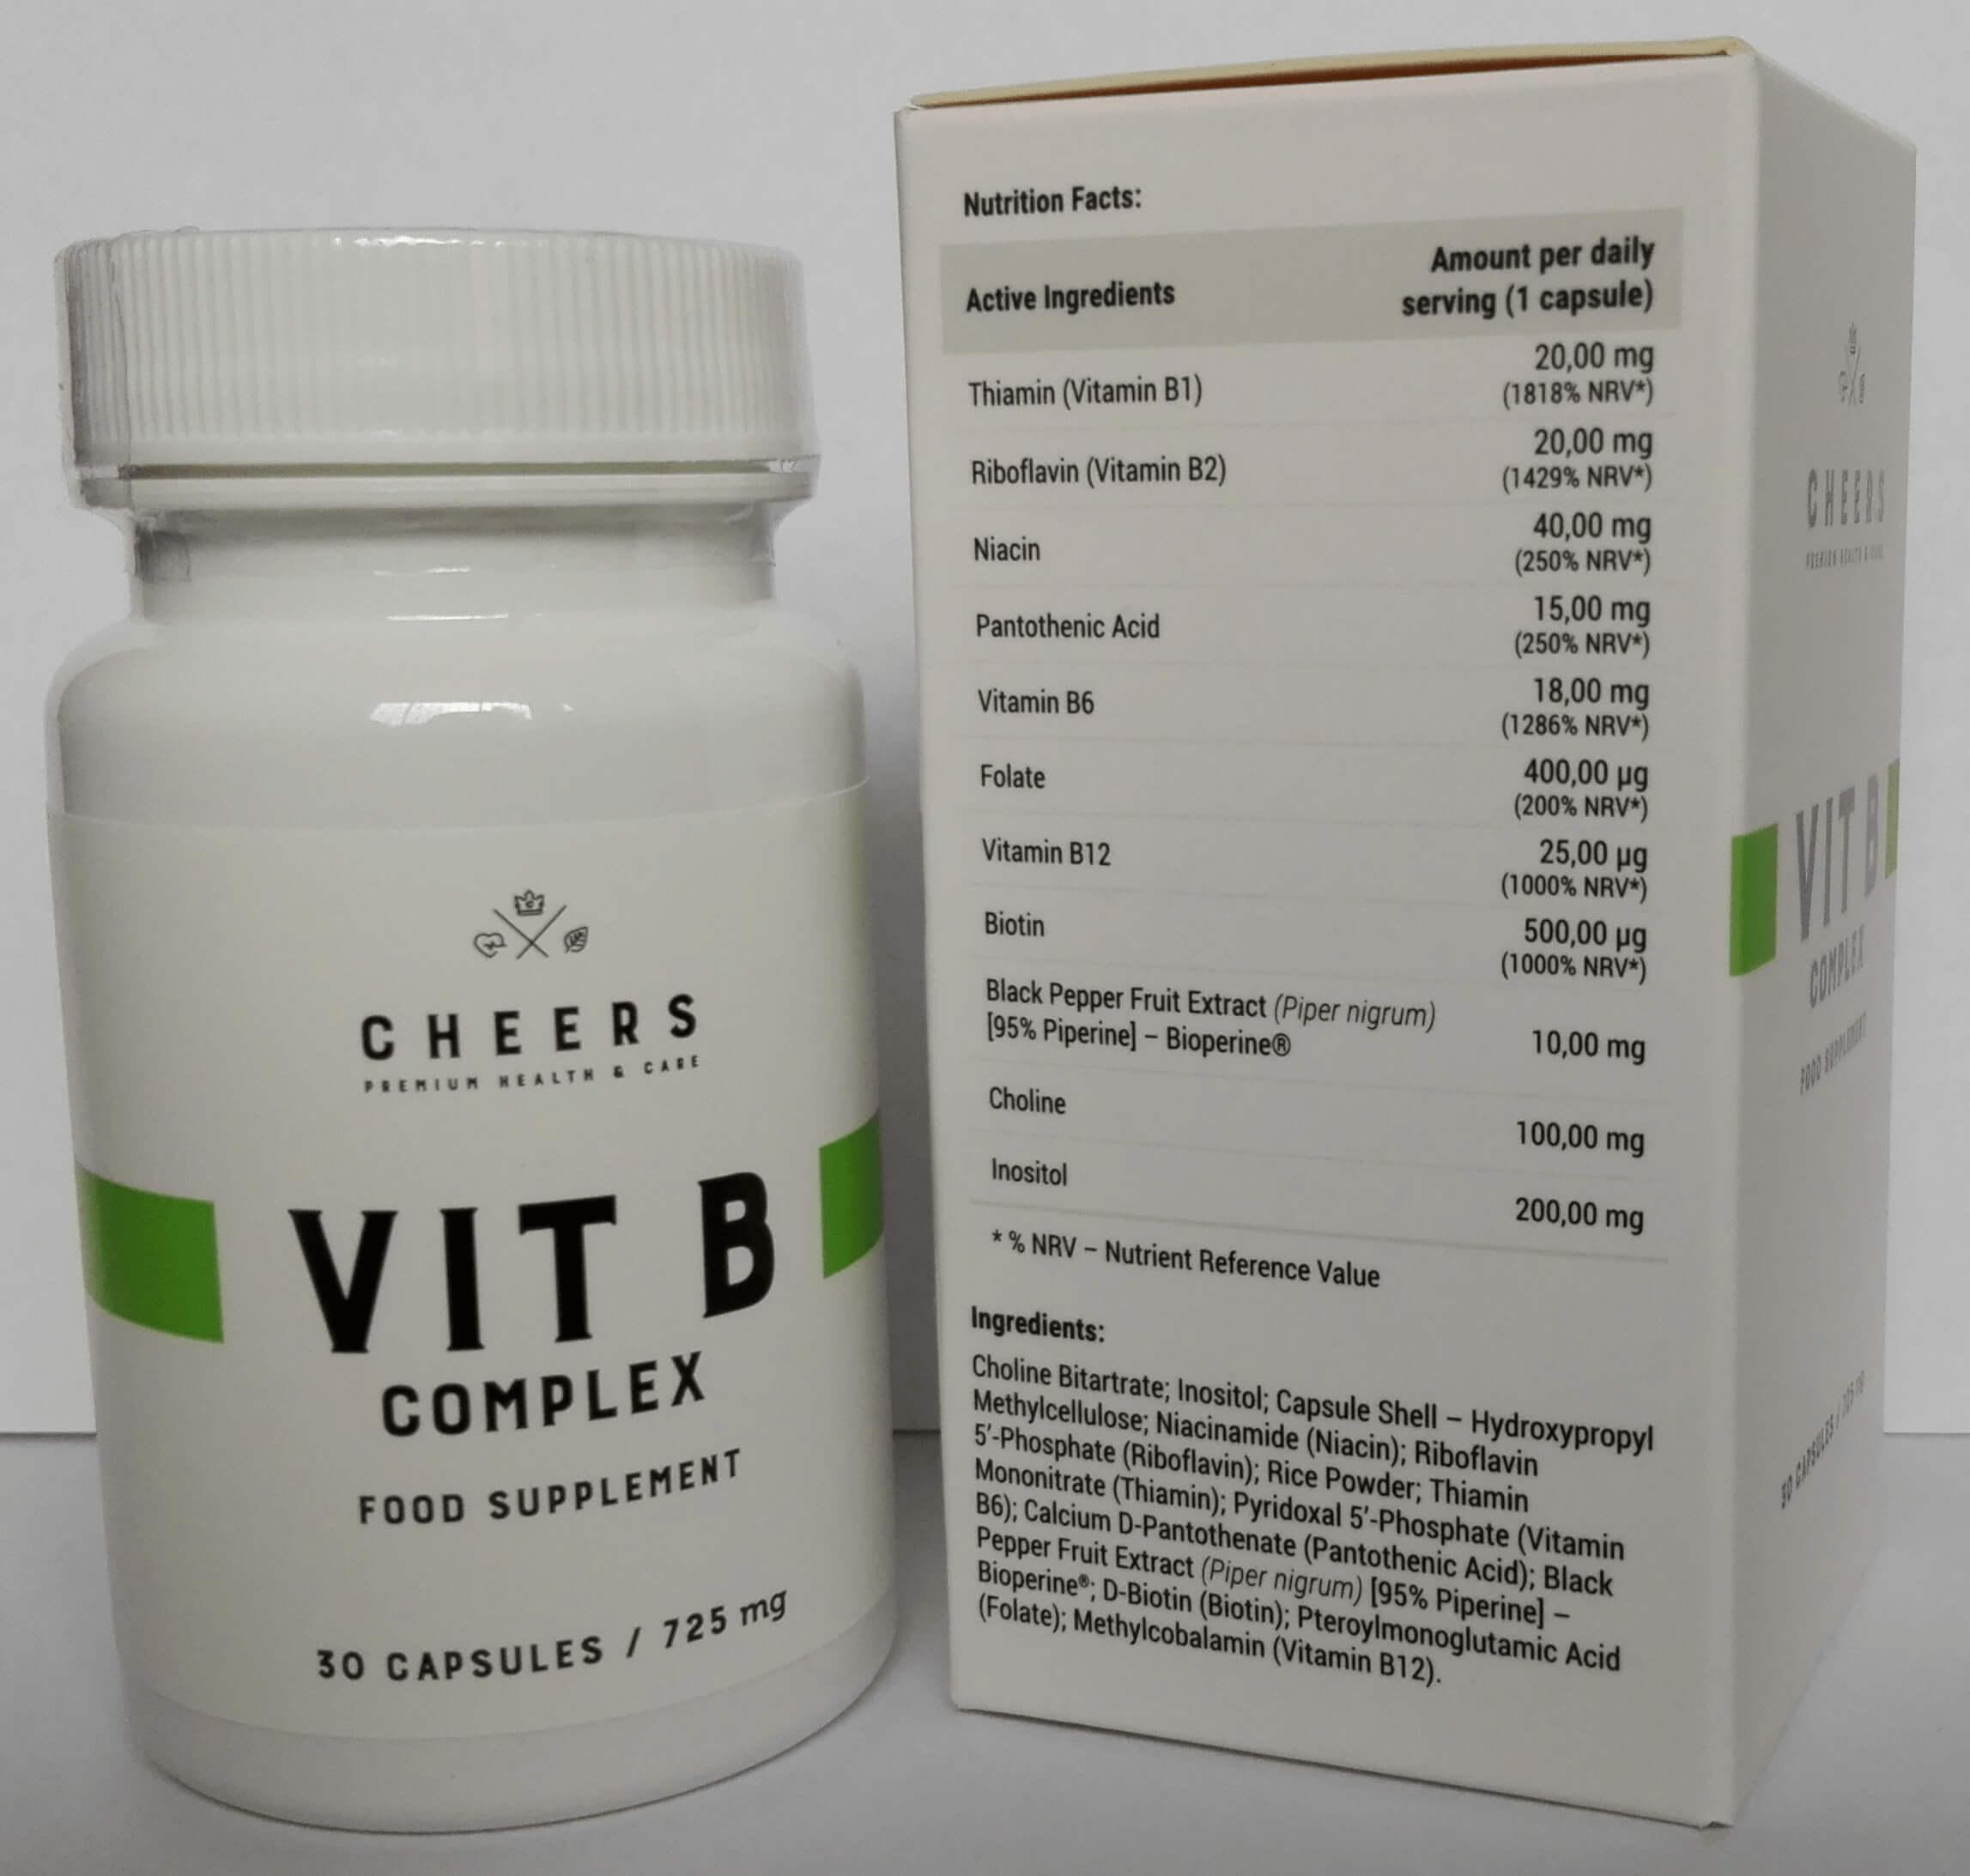 Vit B Complex Cheers